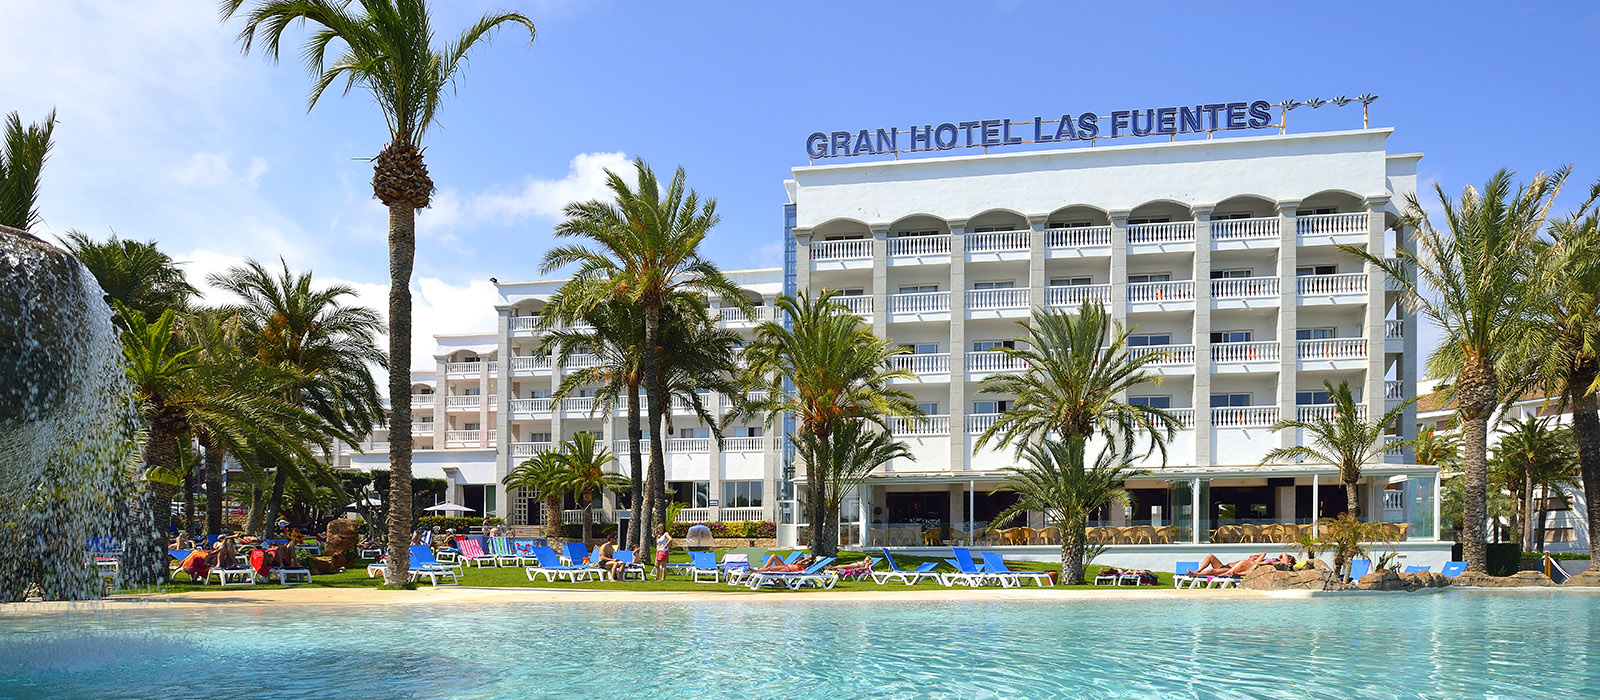 gran-hotel-las-fuentes_alcossebre